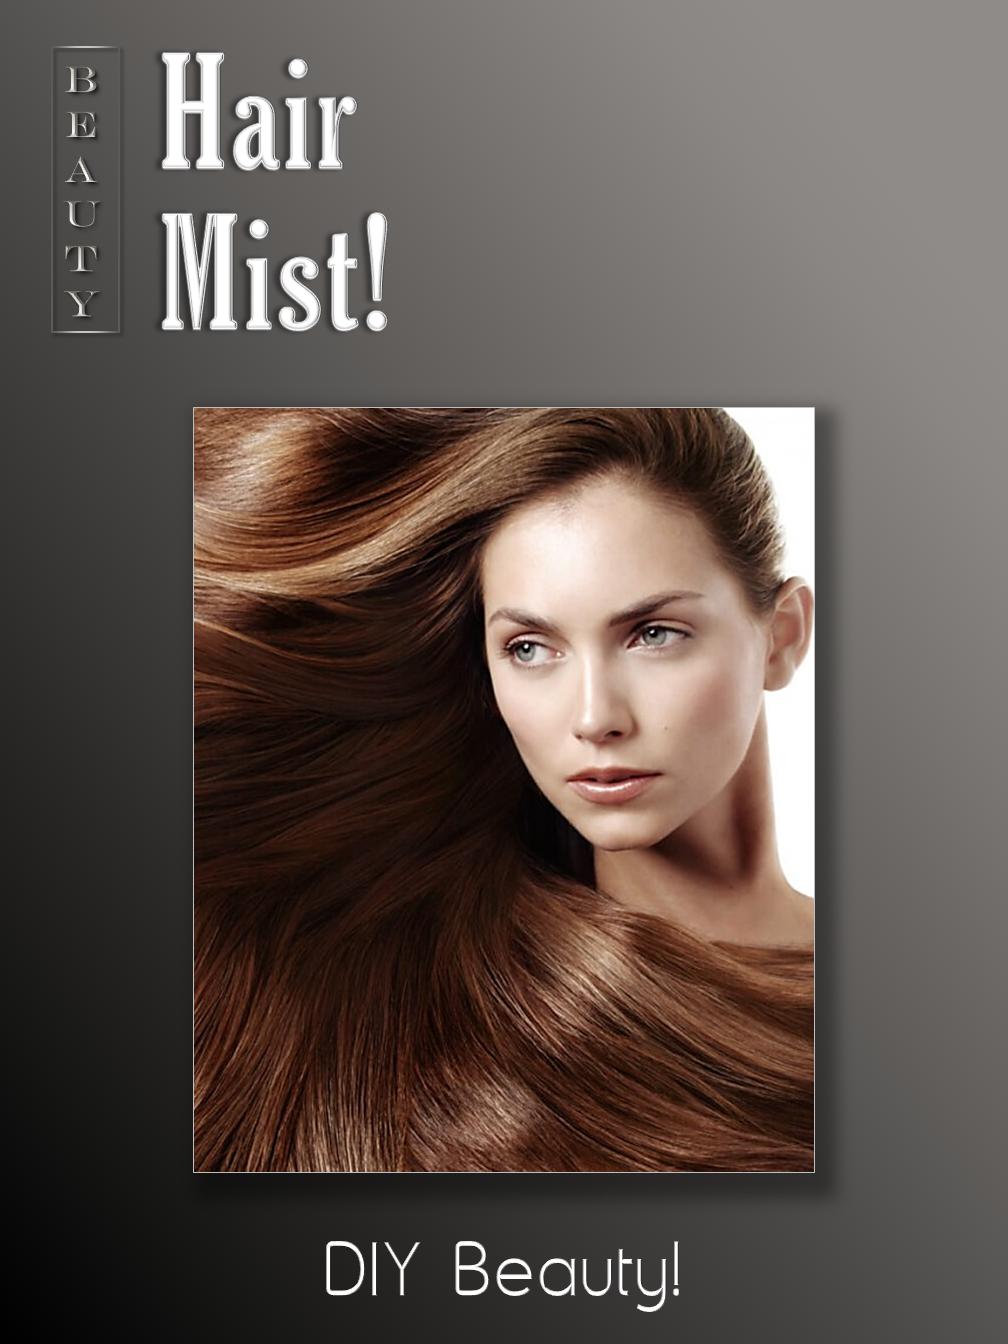 DIY Hair Mist